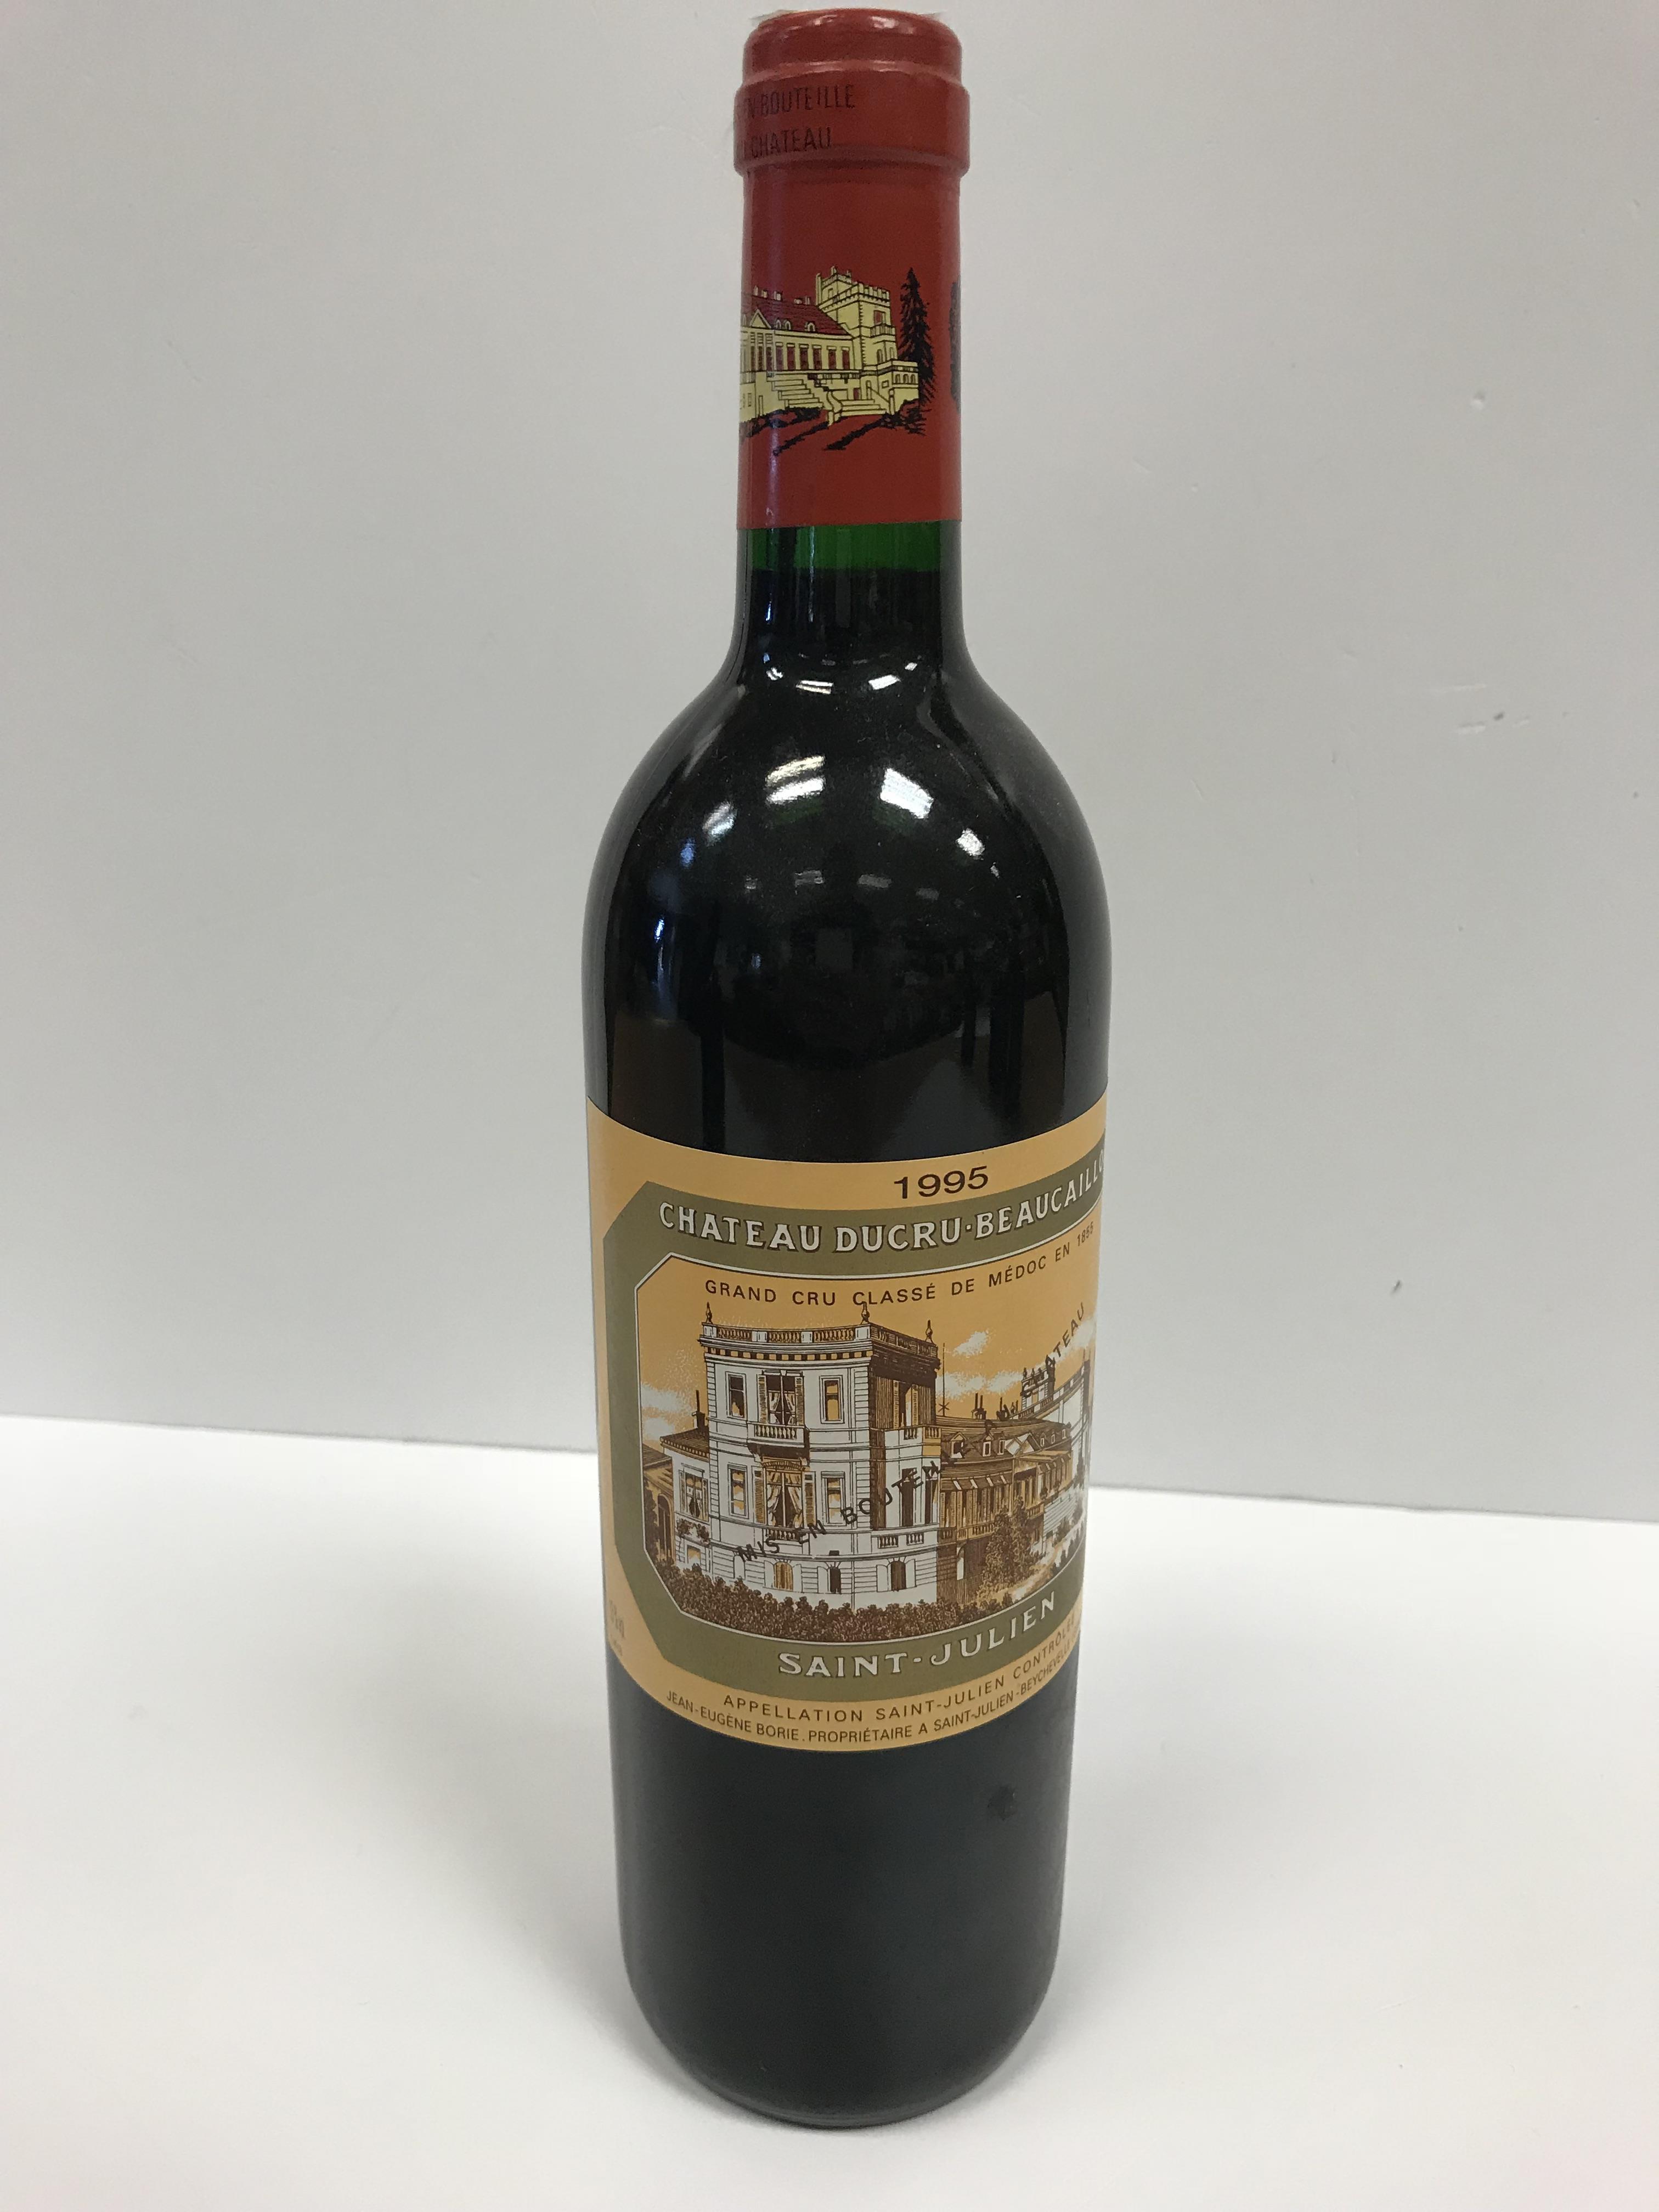 Chateau Ducru Beaucaillou Saint Julien 1995 x 1 bottle, Warre's Vintage Port 1991 x 1 bottle, - Image 5 of 14